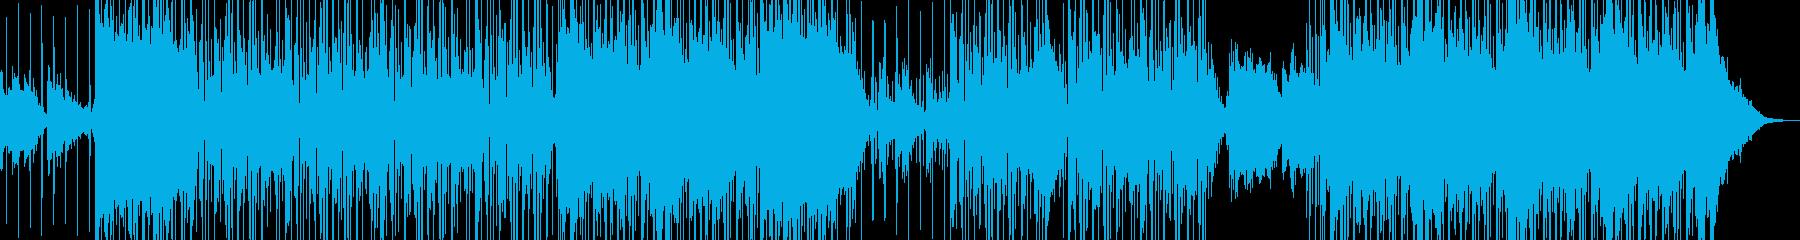 オシャレ切ないR&Bの再生済みの波形